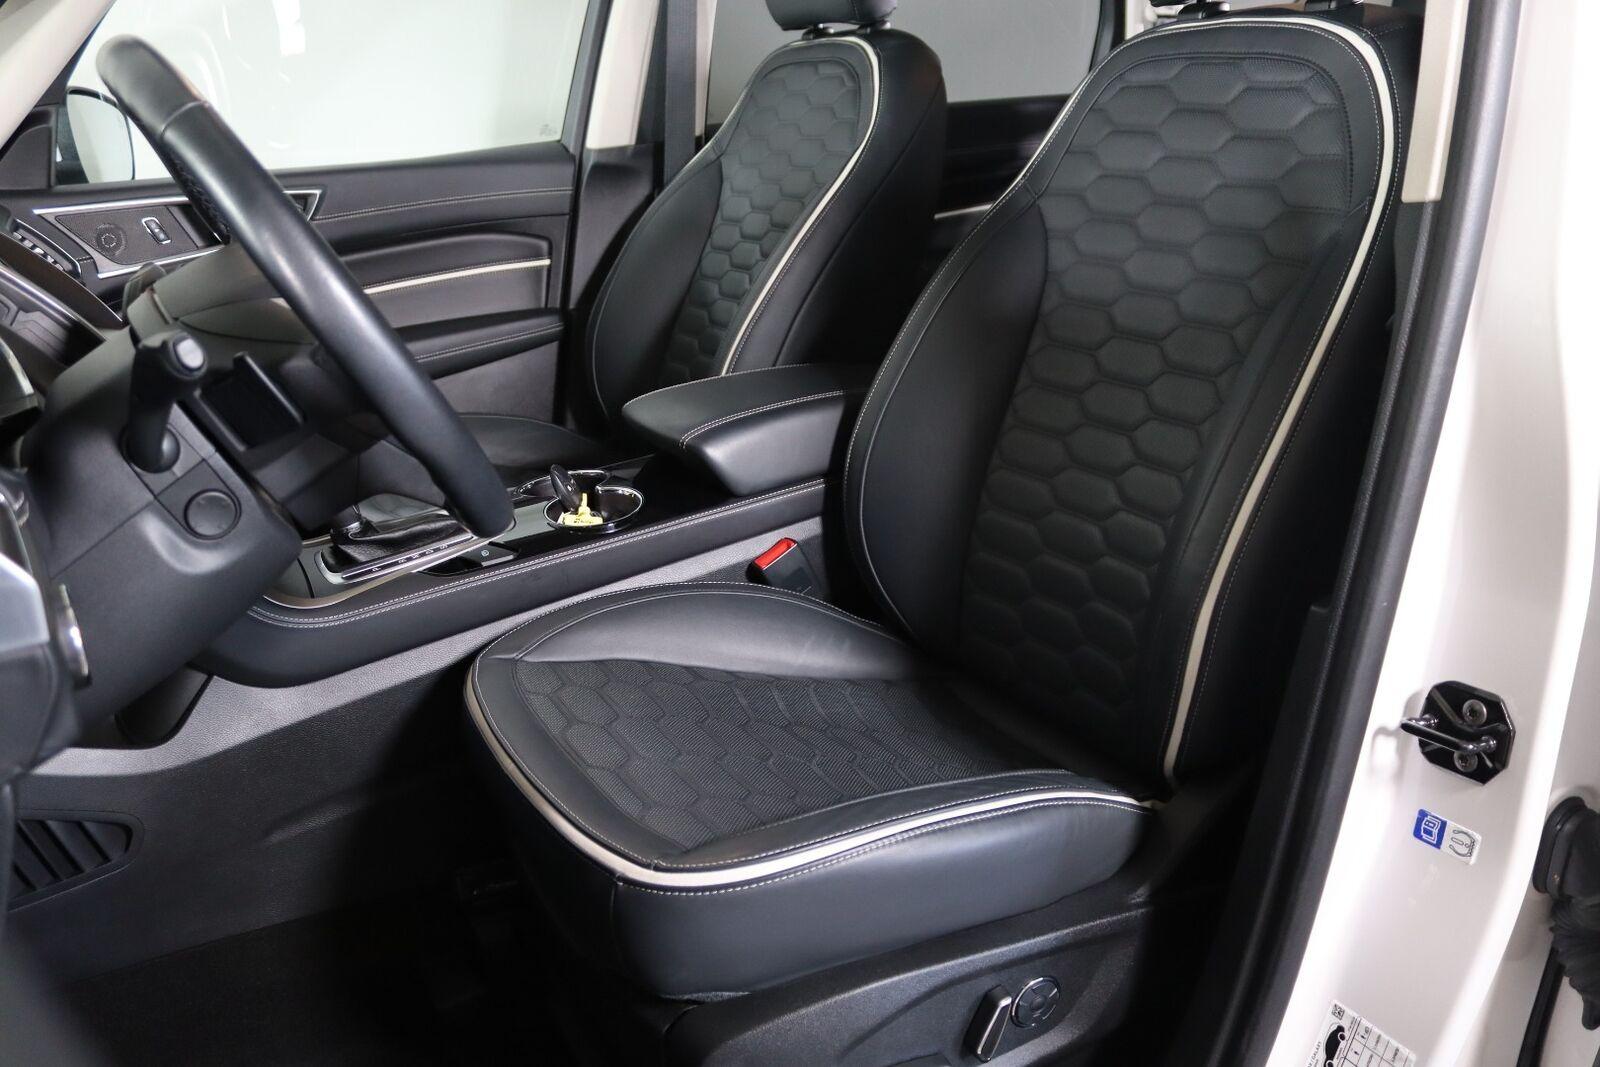 Ford S-MAX 2,0 TDCi 180 Vignale aut. - billede 7